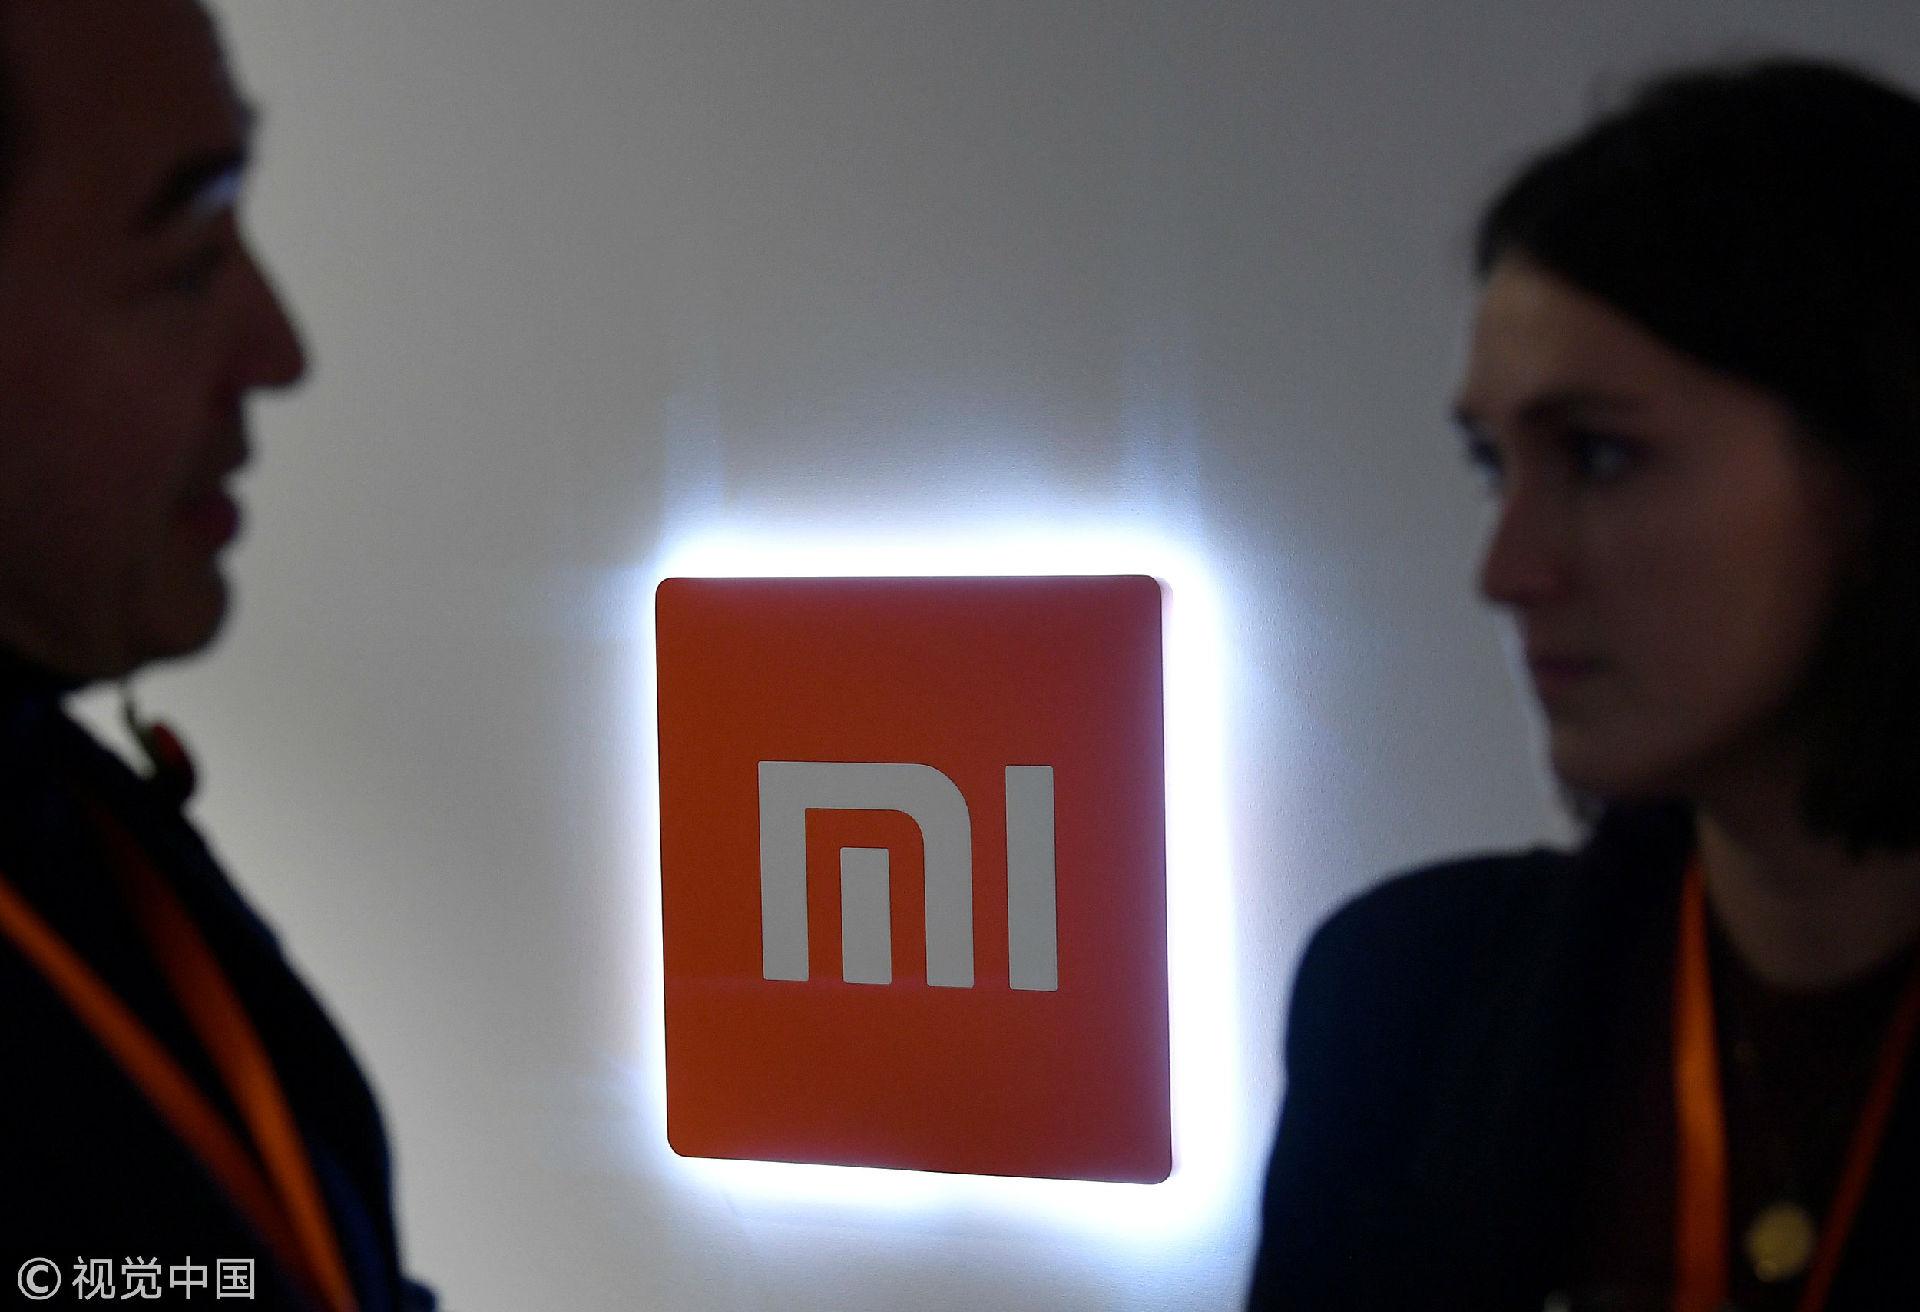 小米互联网营销在英国演砸了,国际化遭质疑